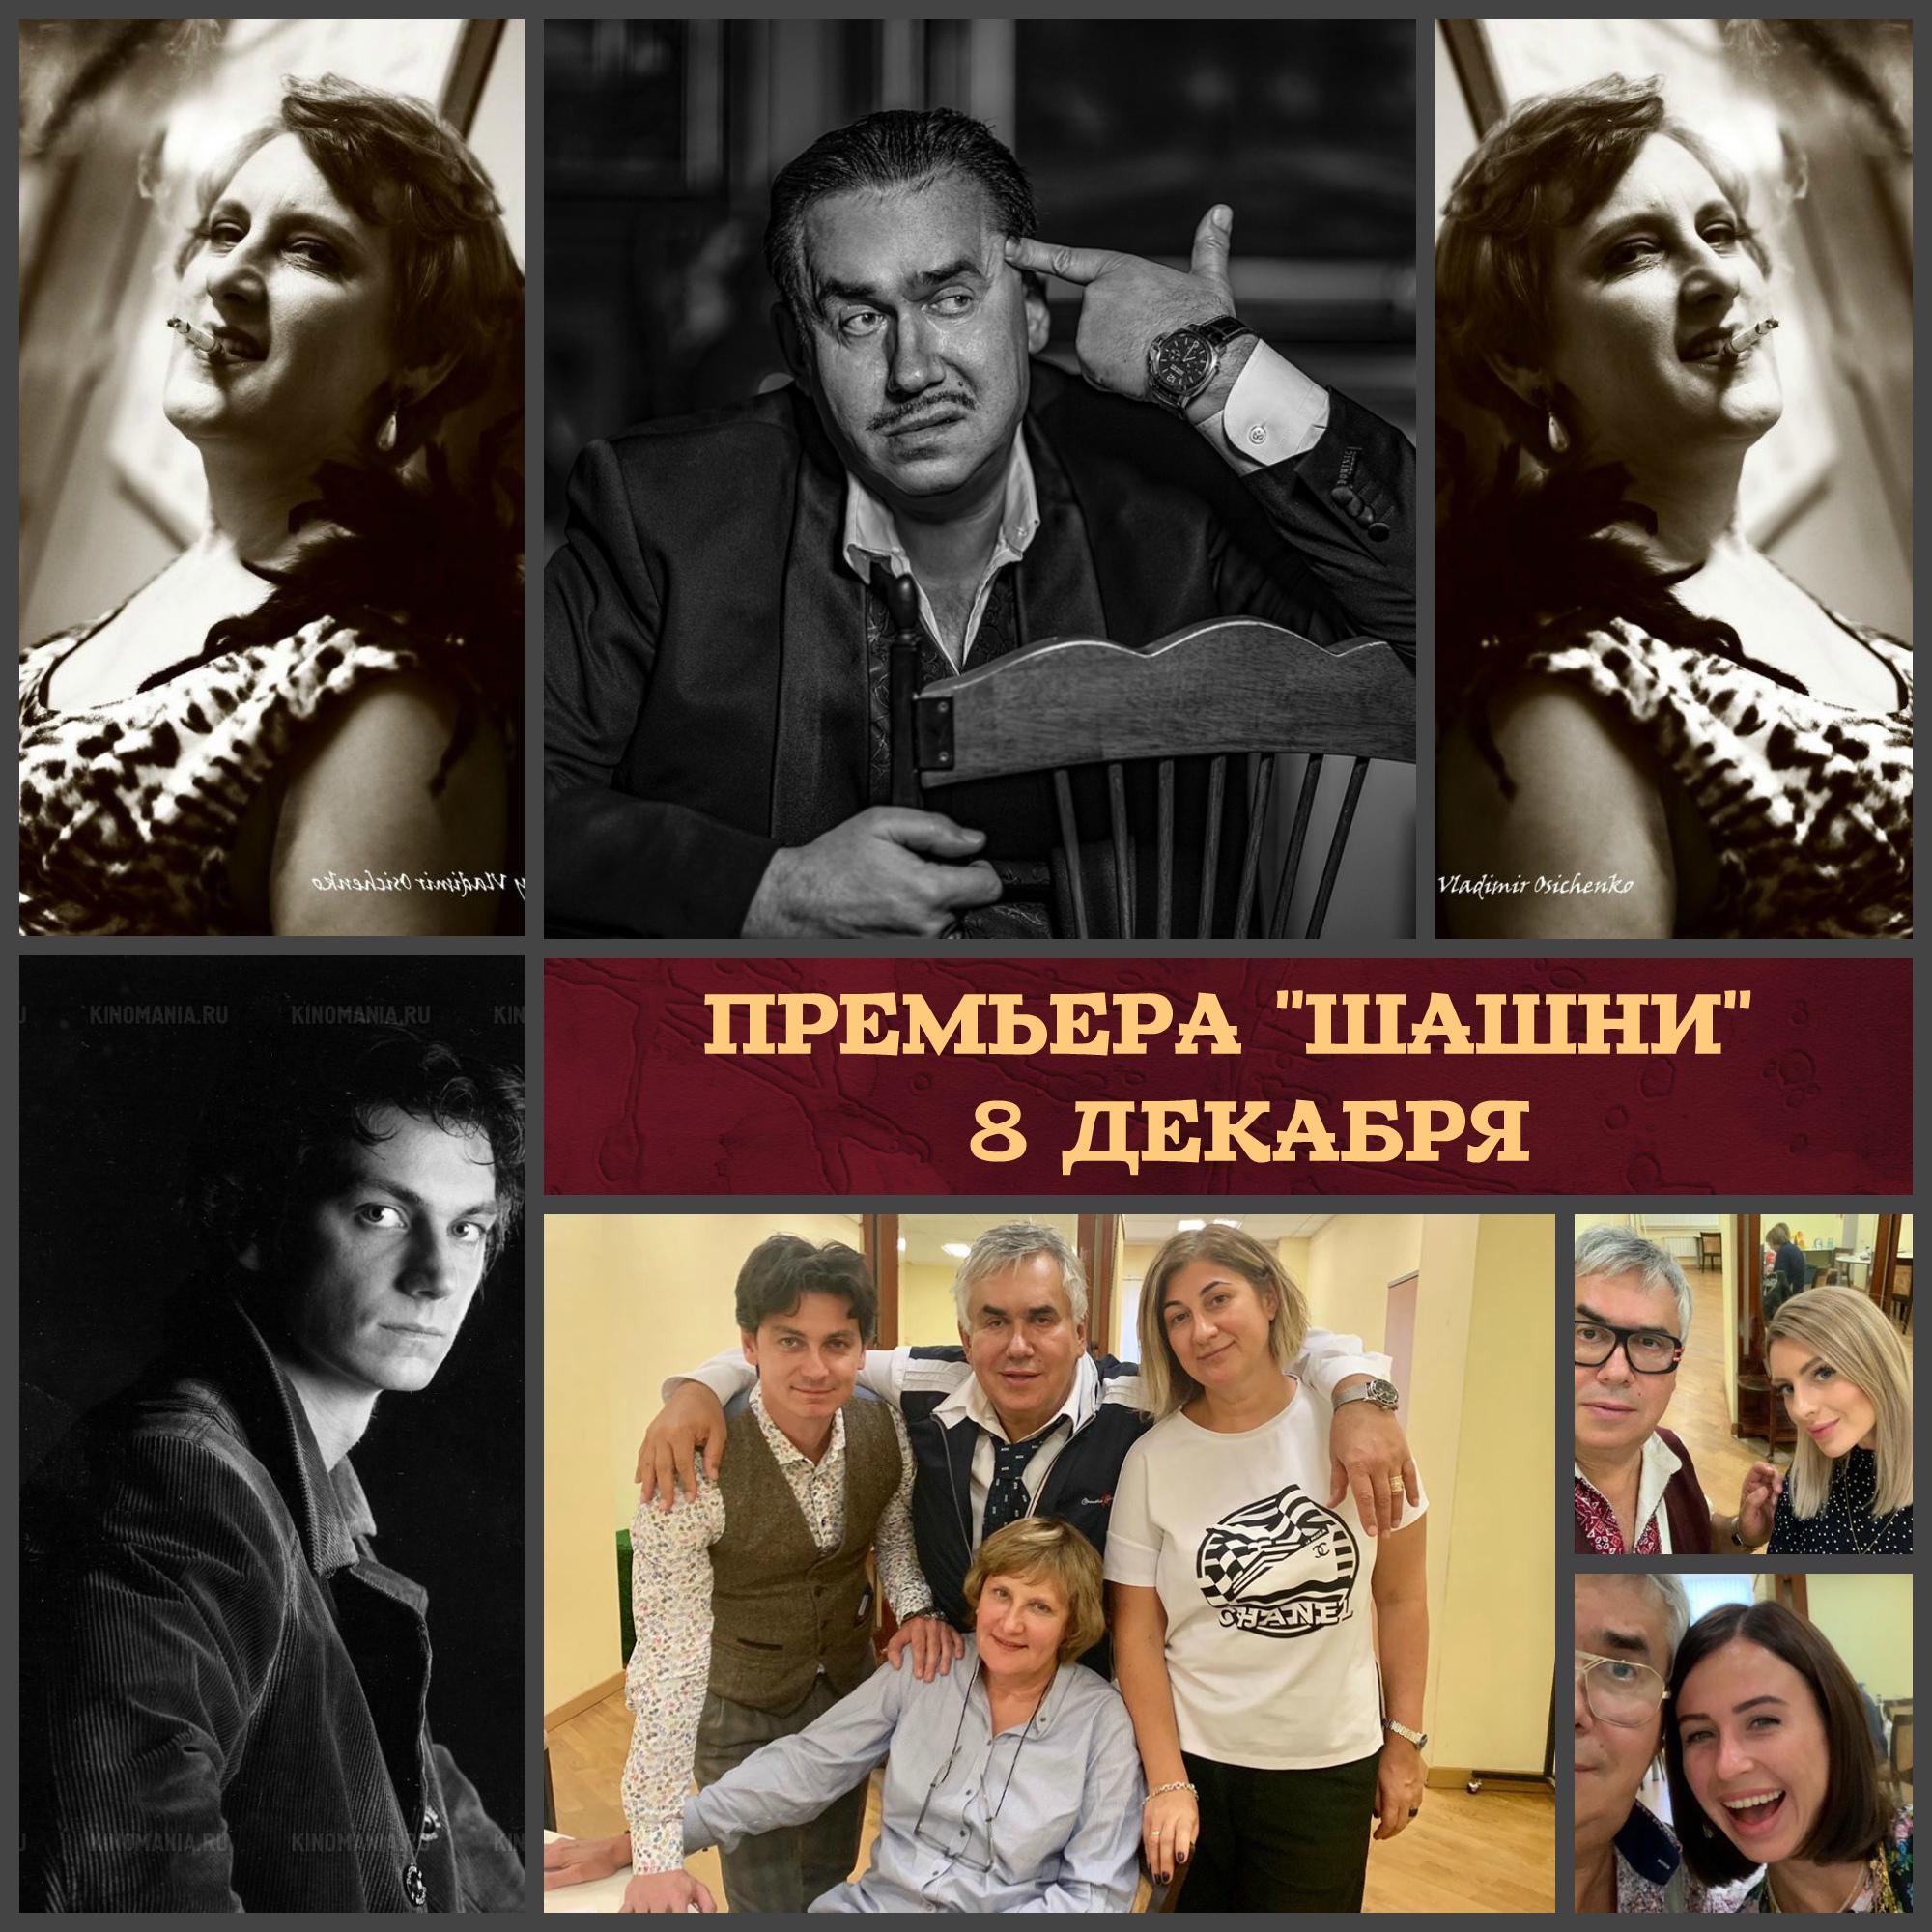 https://ic.pics.livejournal.com/sadalskij/32314956/236218/236218_original.jpg